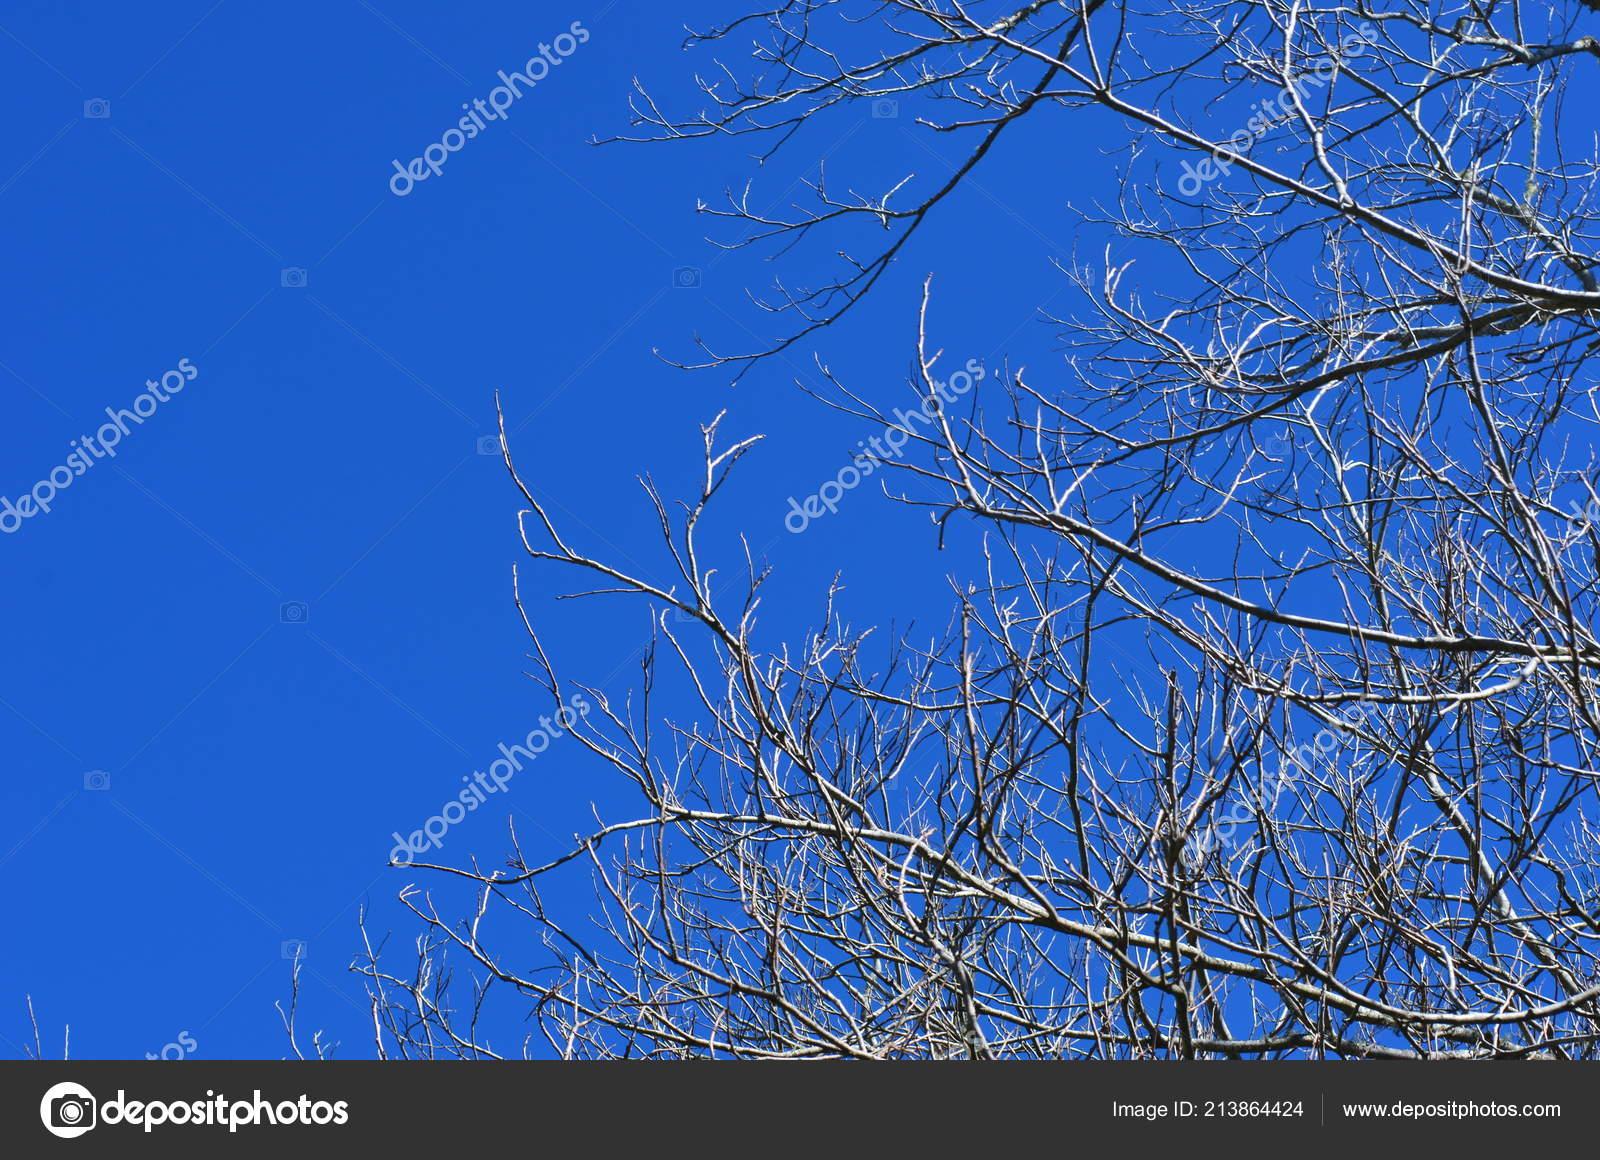 Μαύρο πουλί στο μουνί φωτογραφίες